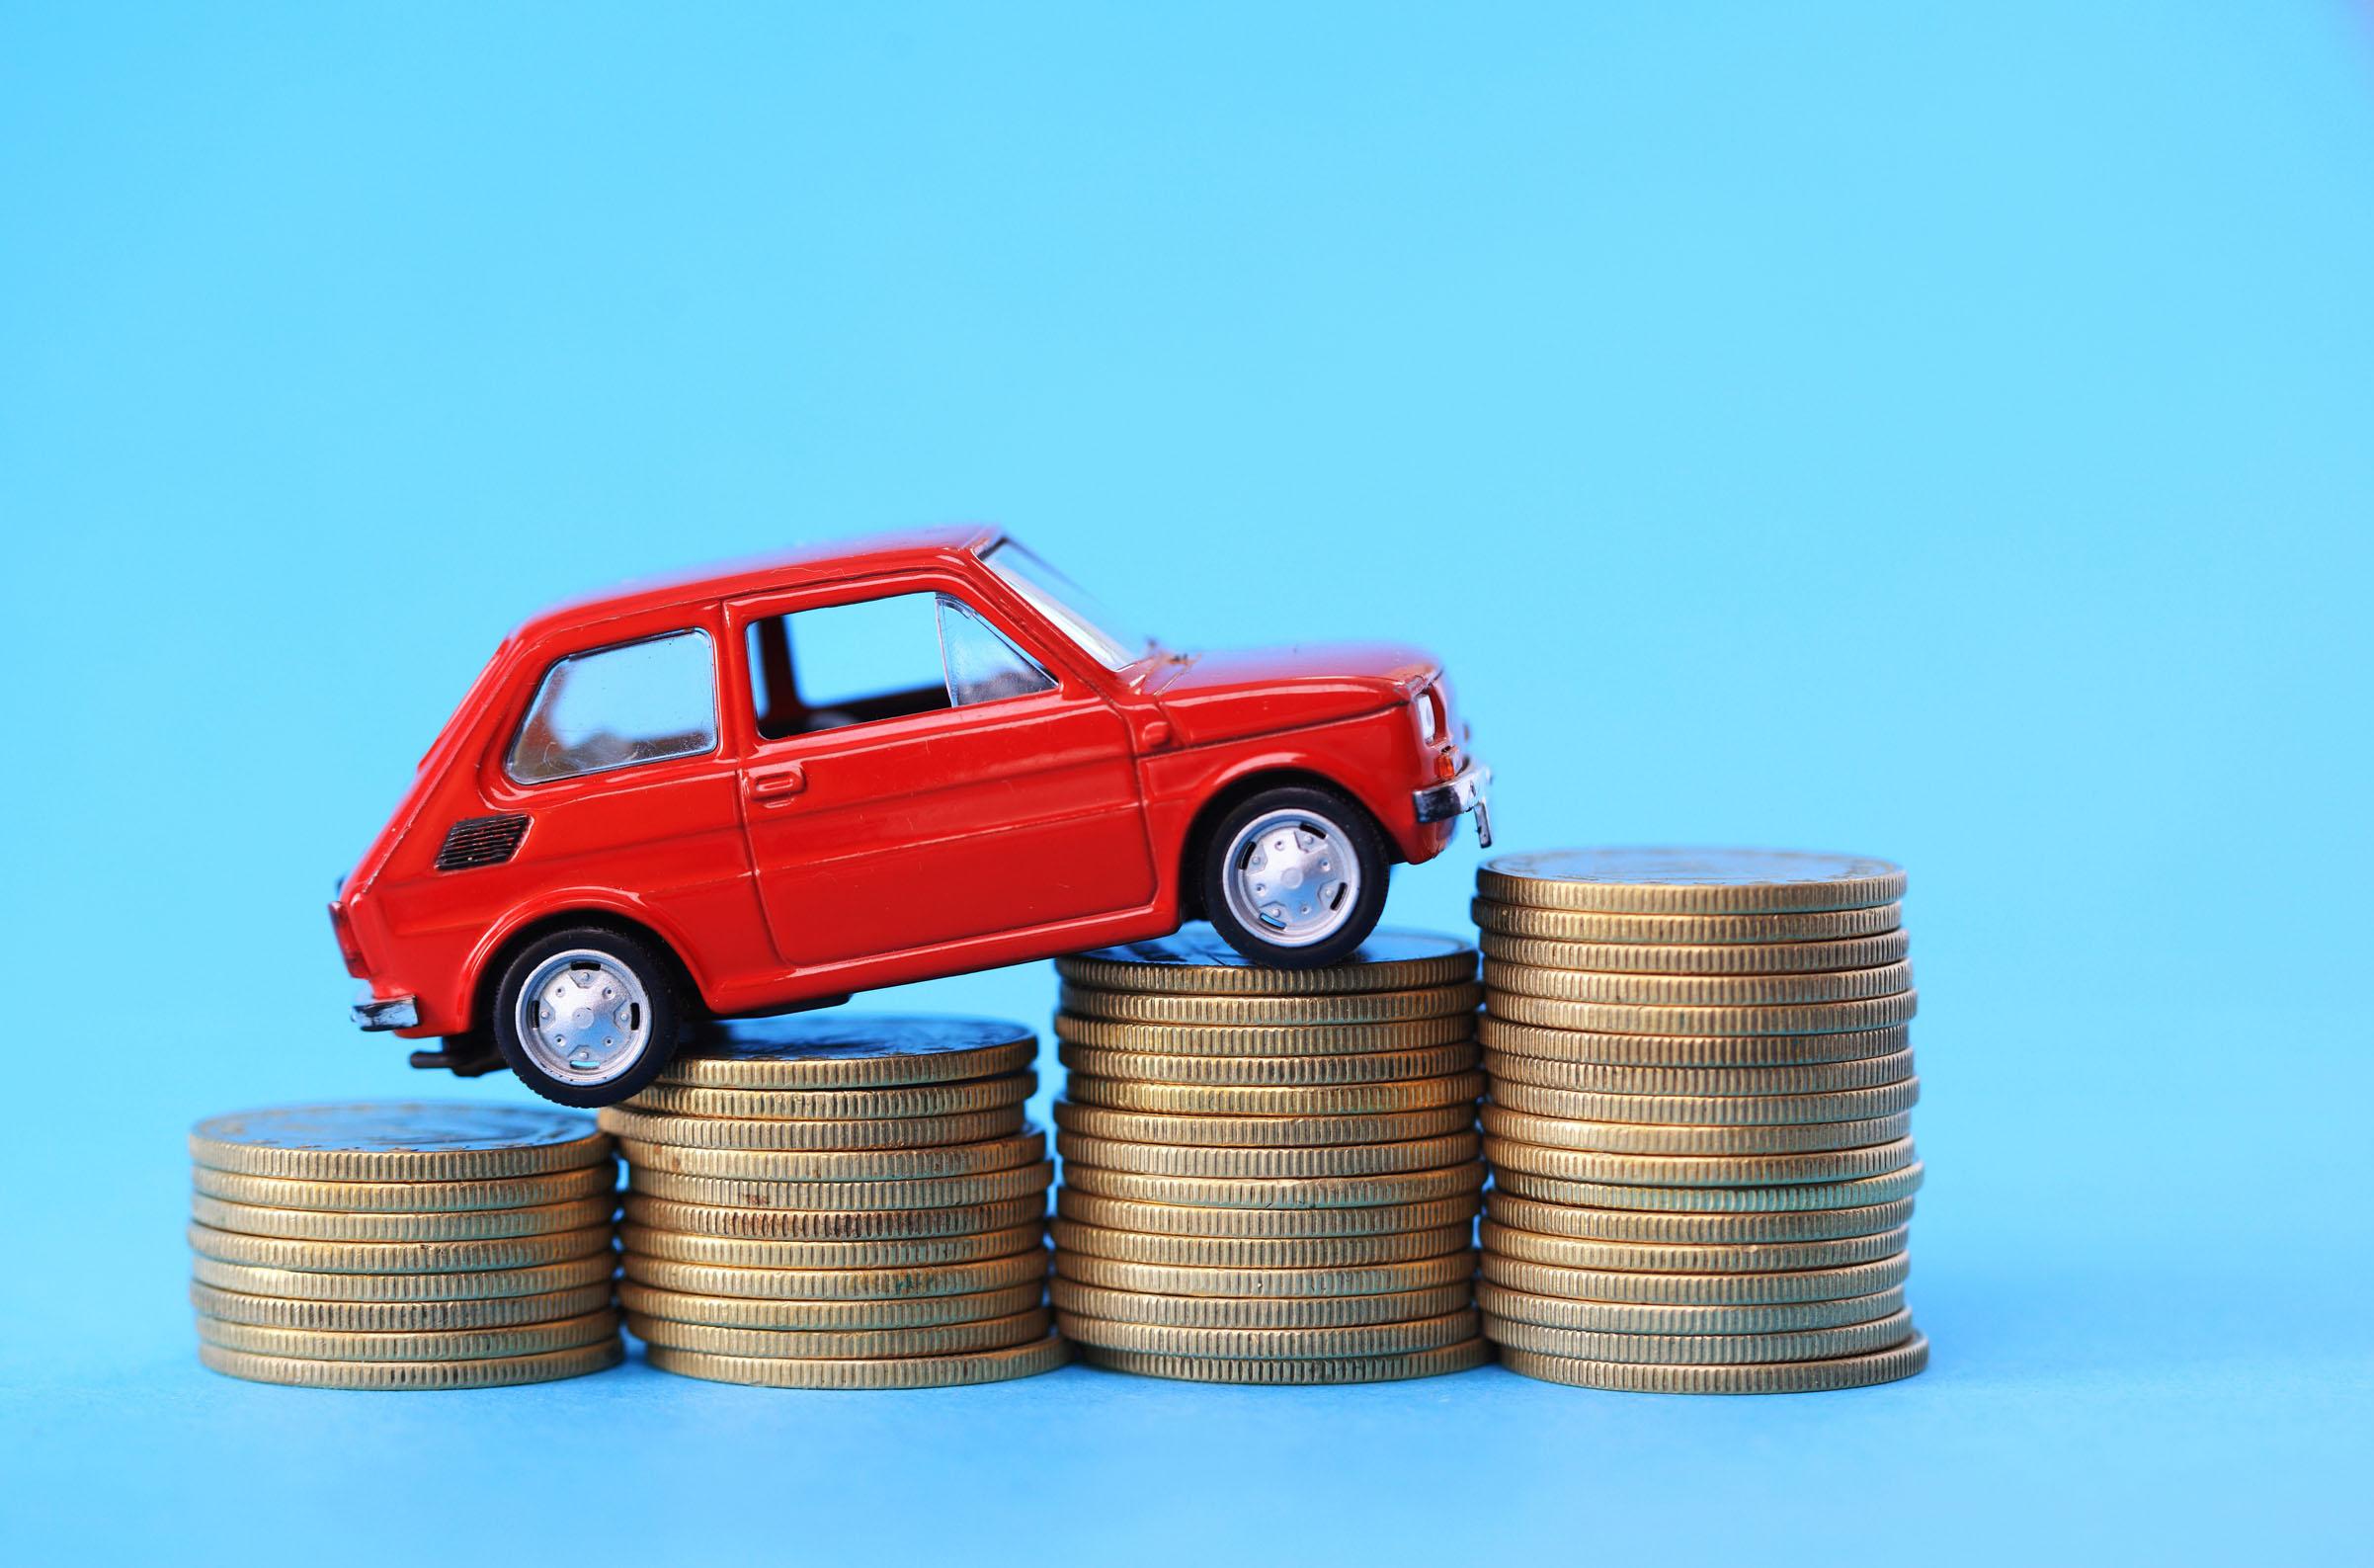 Ahorrar en la cuesta de enero